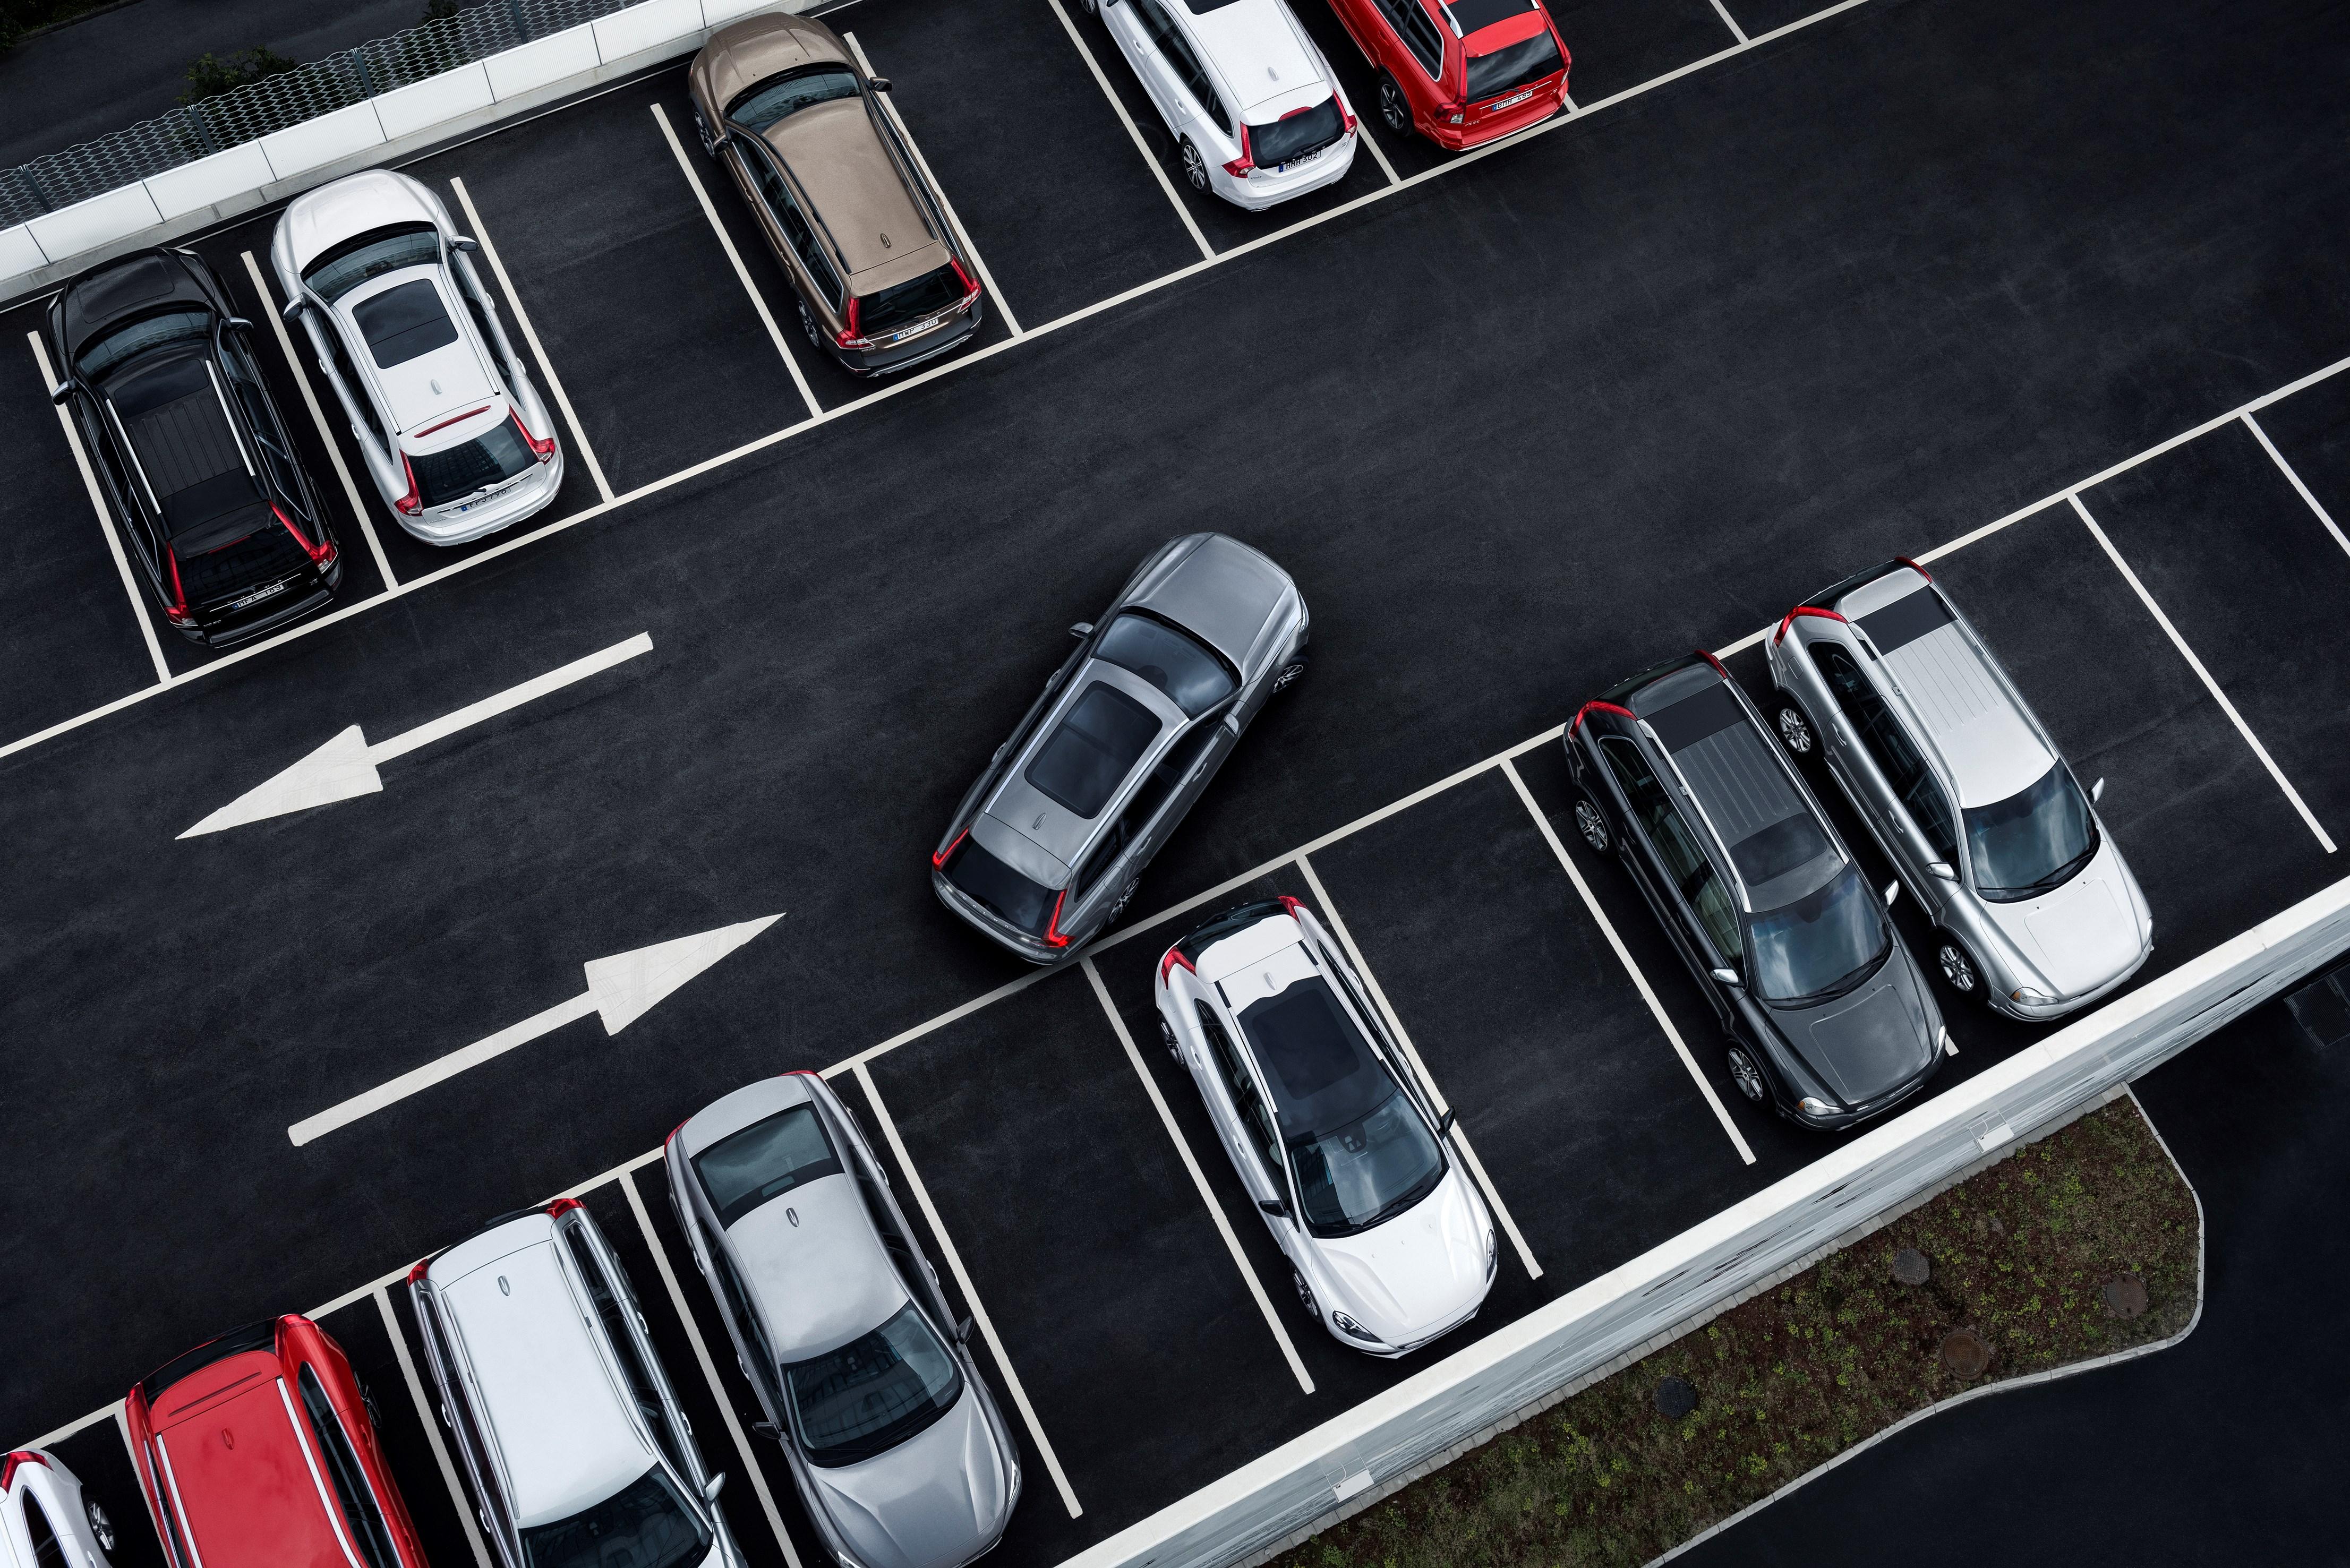 Hintergrundbilder : Uhr, Fahrzeug, Technologie, Volvo, Marke ...